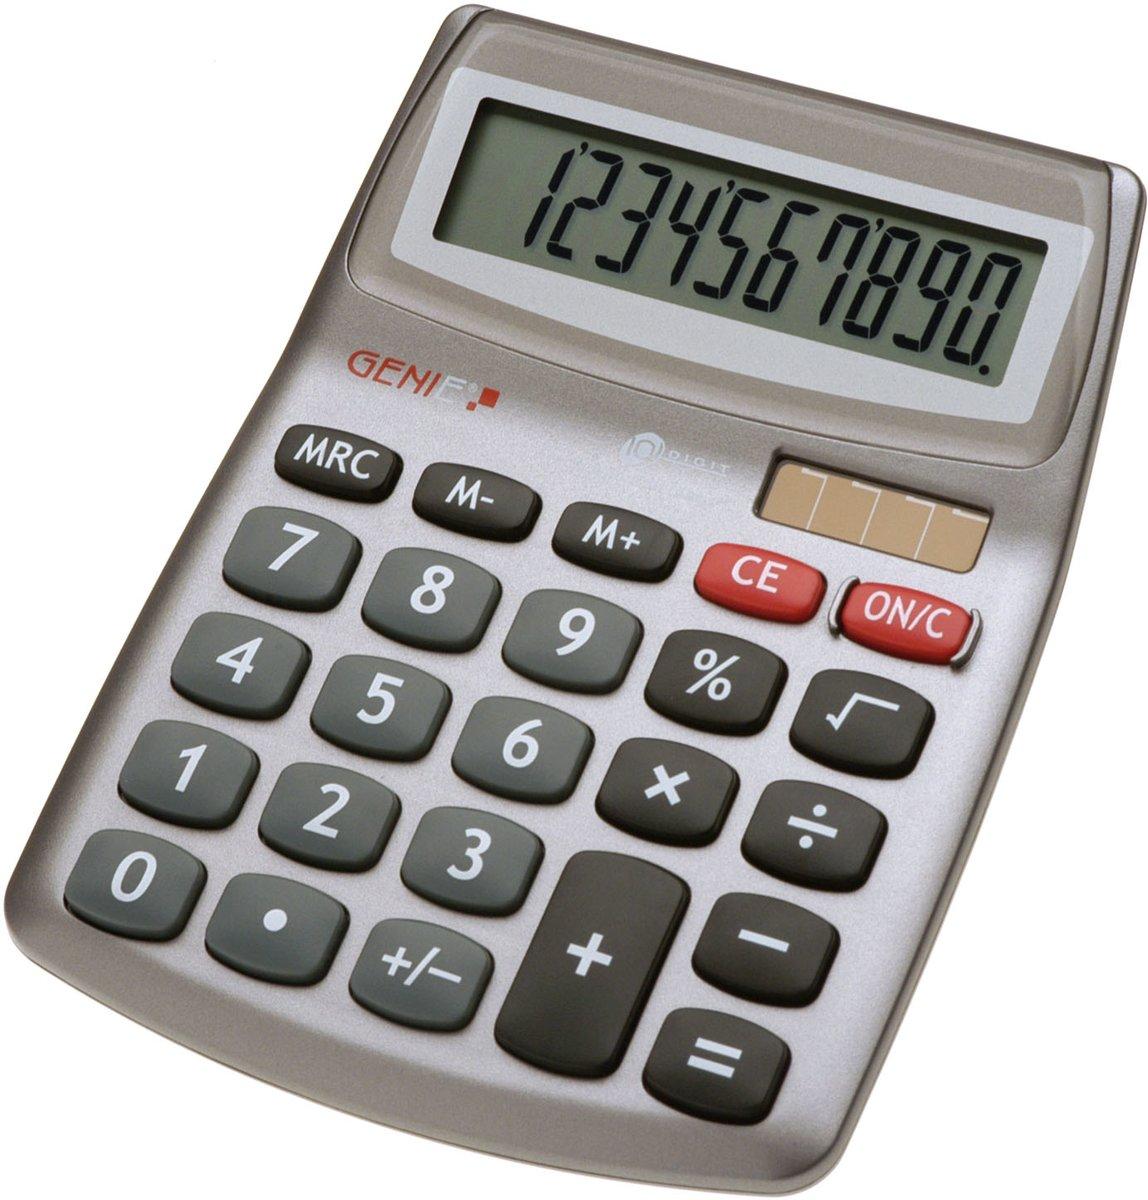 Bureaurekenmachine GENIE 540 Grijs Aantal displayposities: 10 werkt op zonne-energie, werkt op batterijen